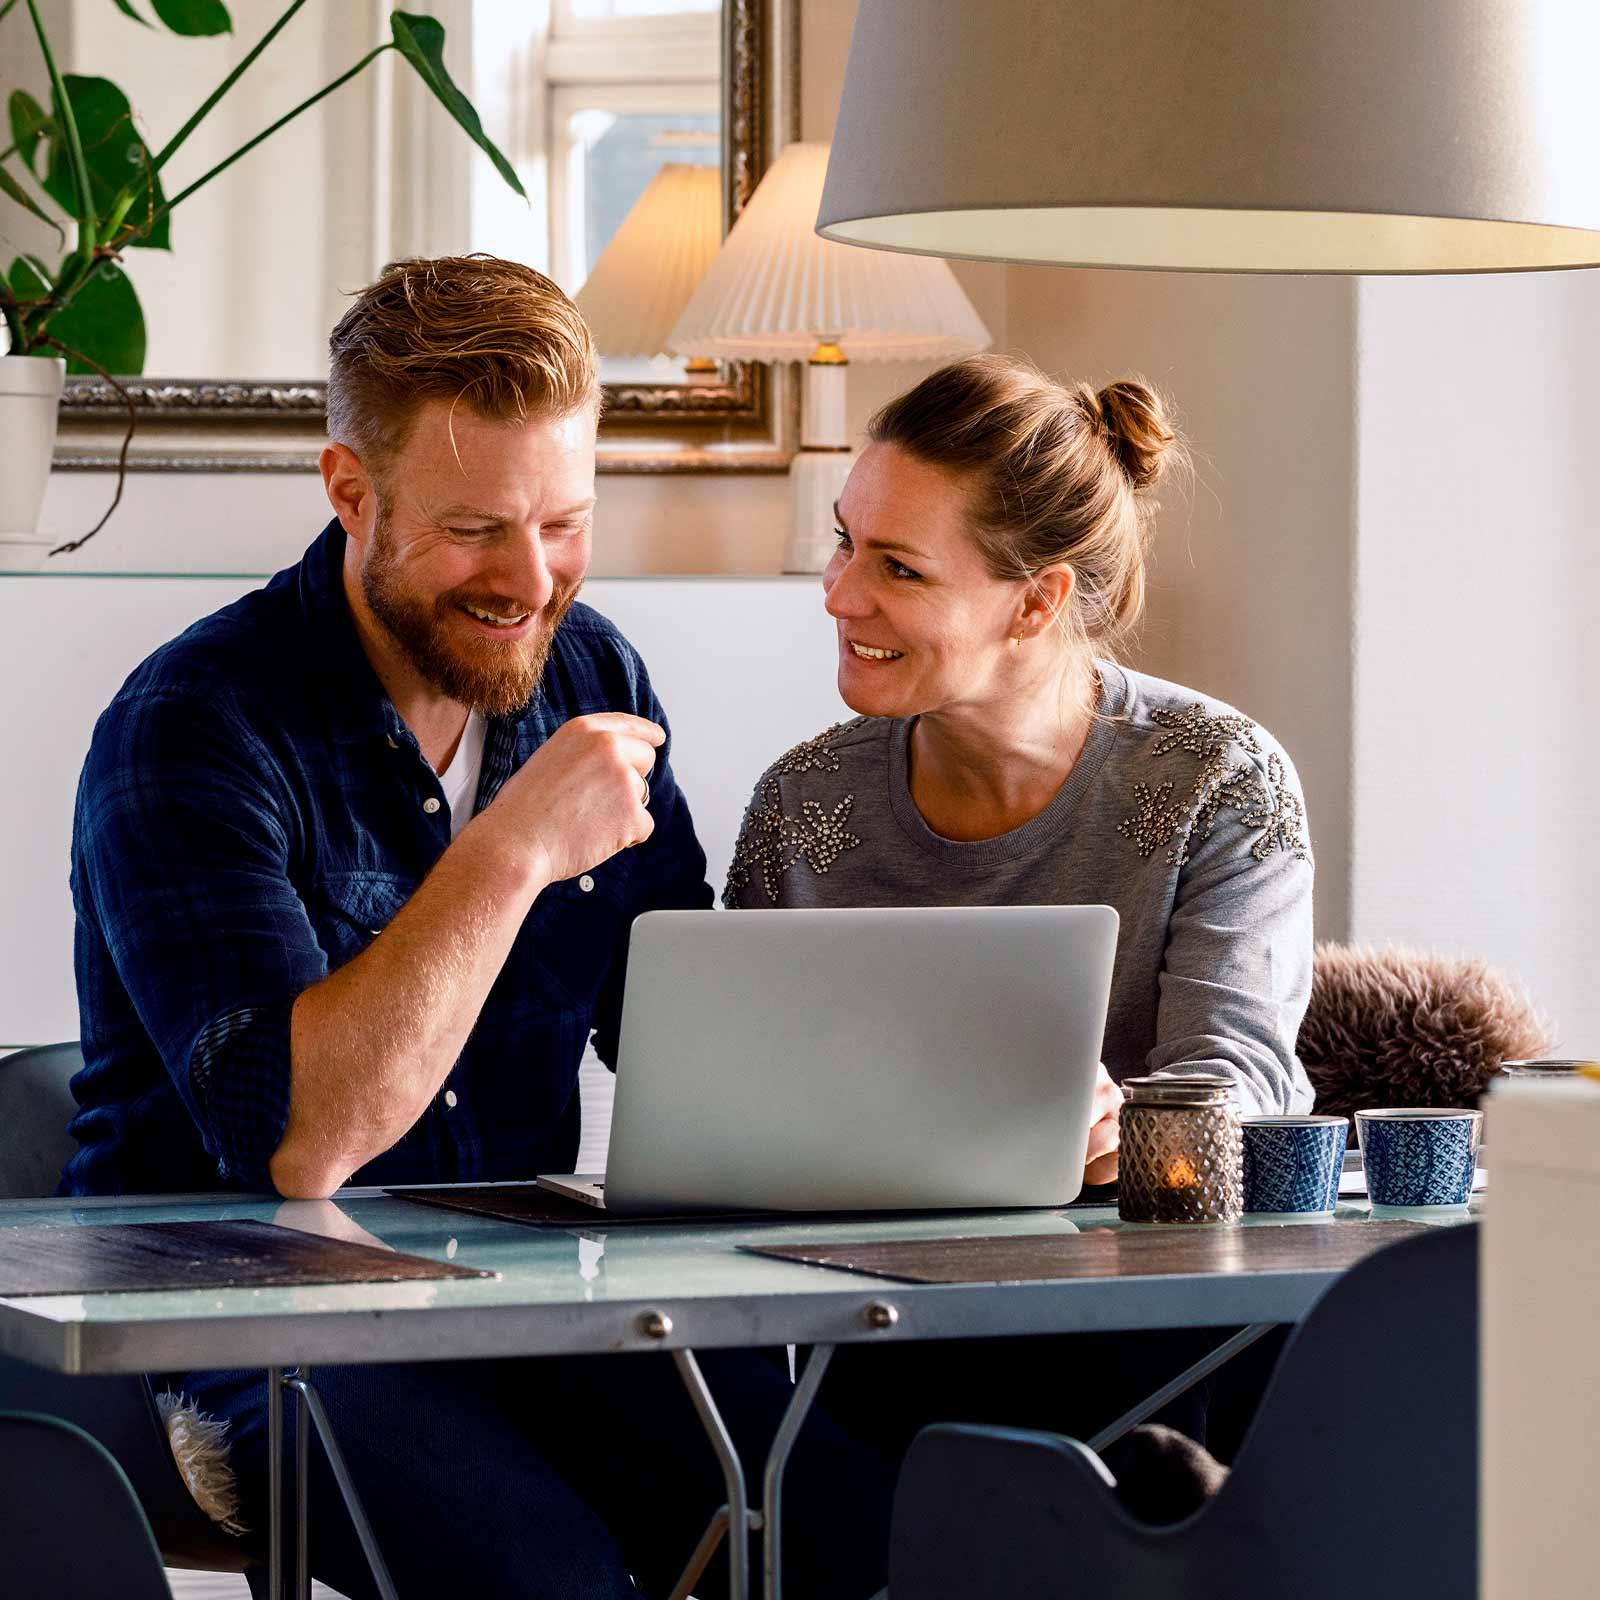 Dating web site for single kvinder yngre 20 kolding